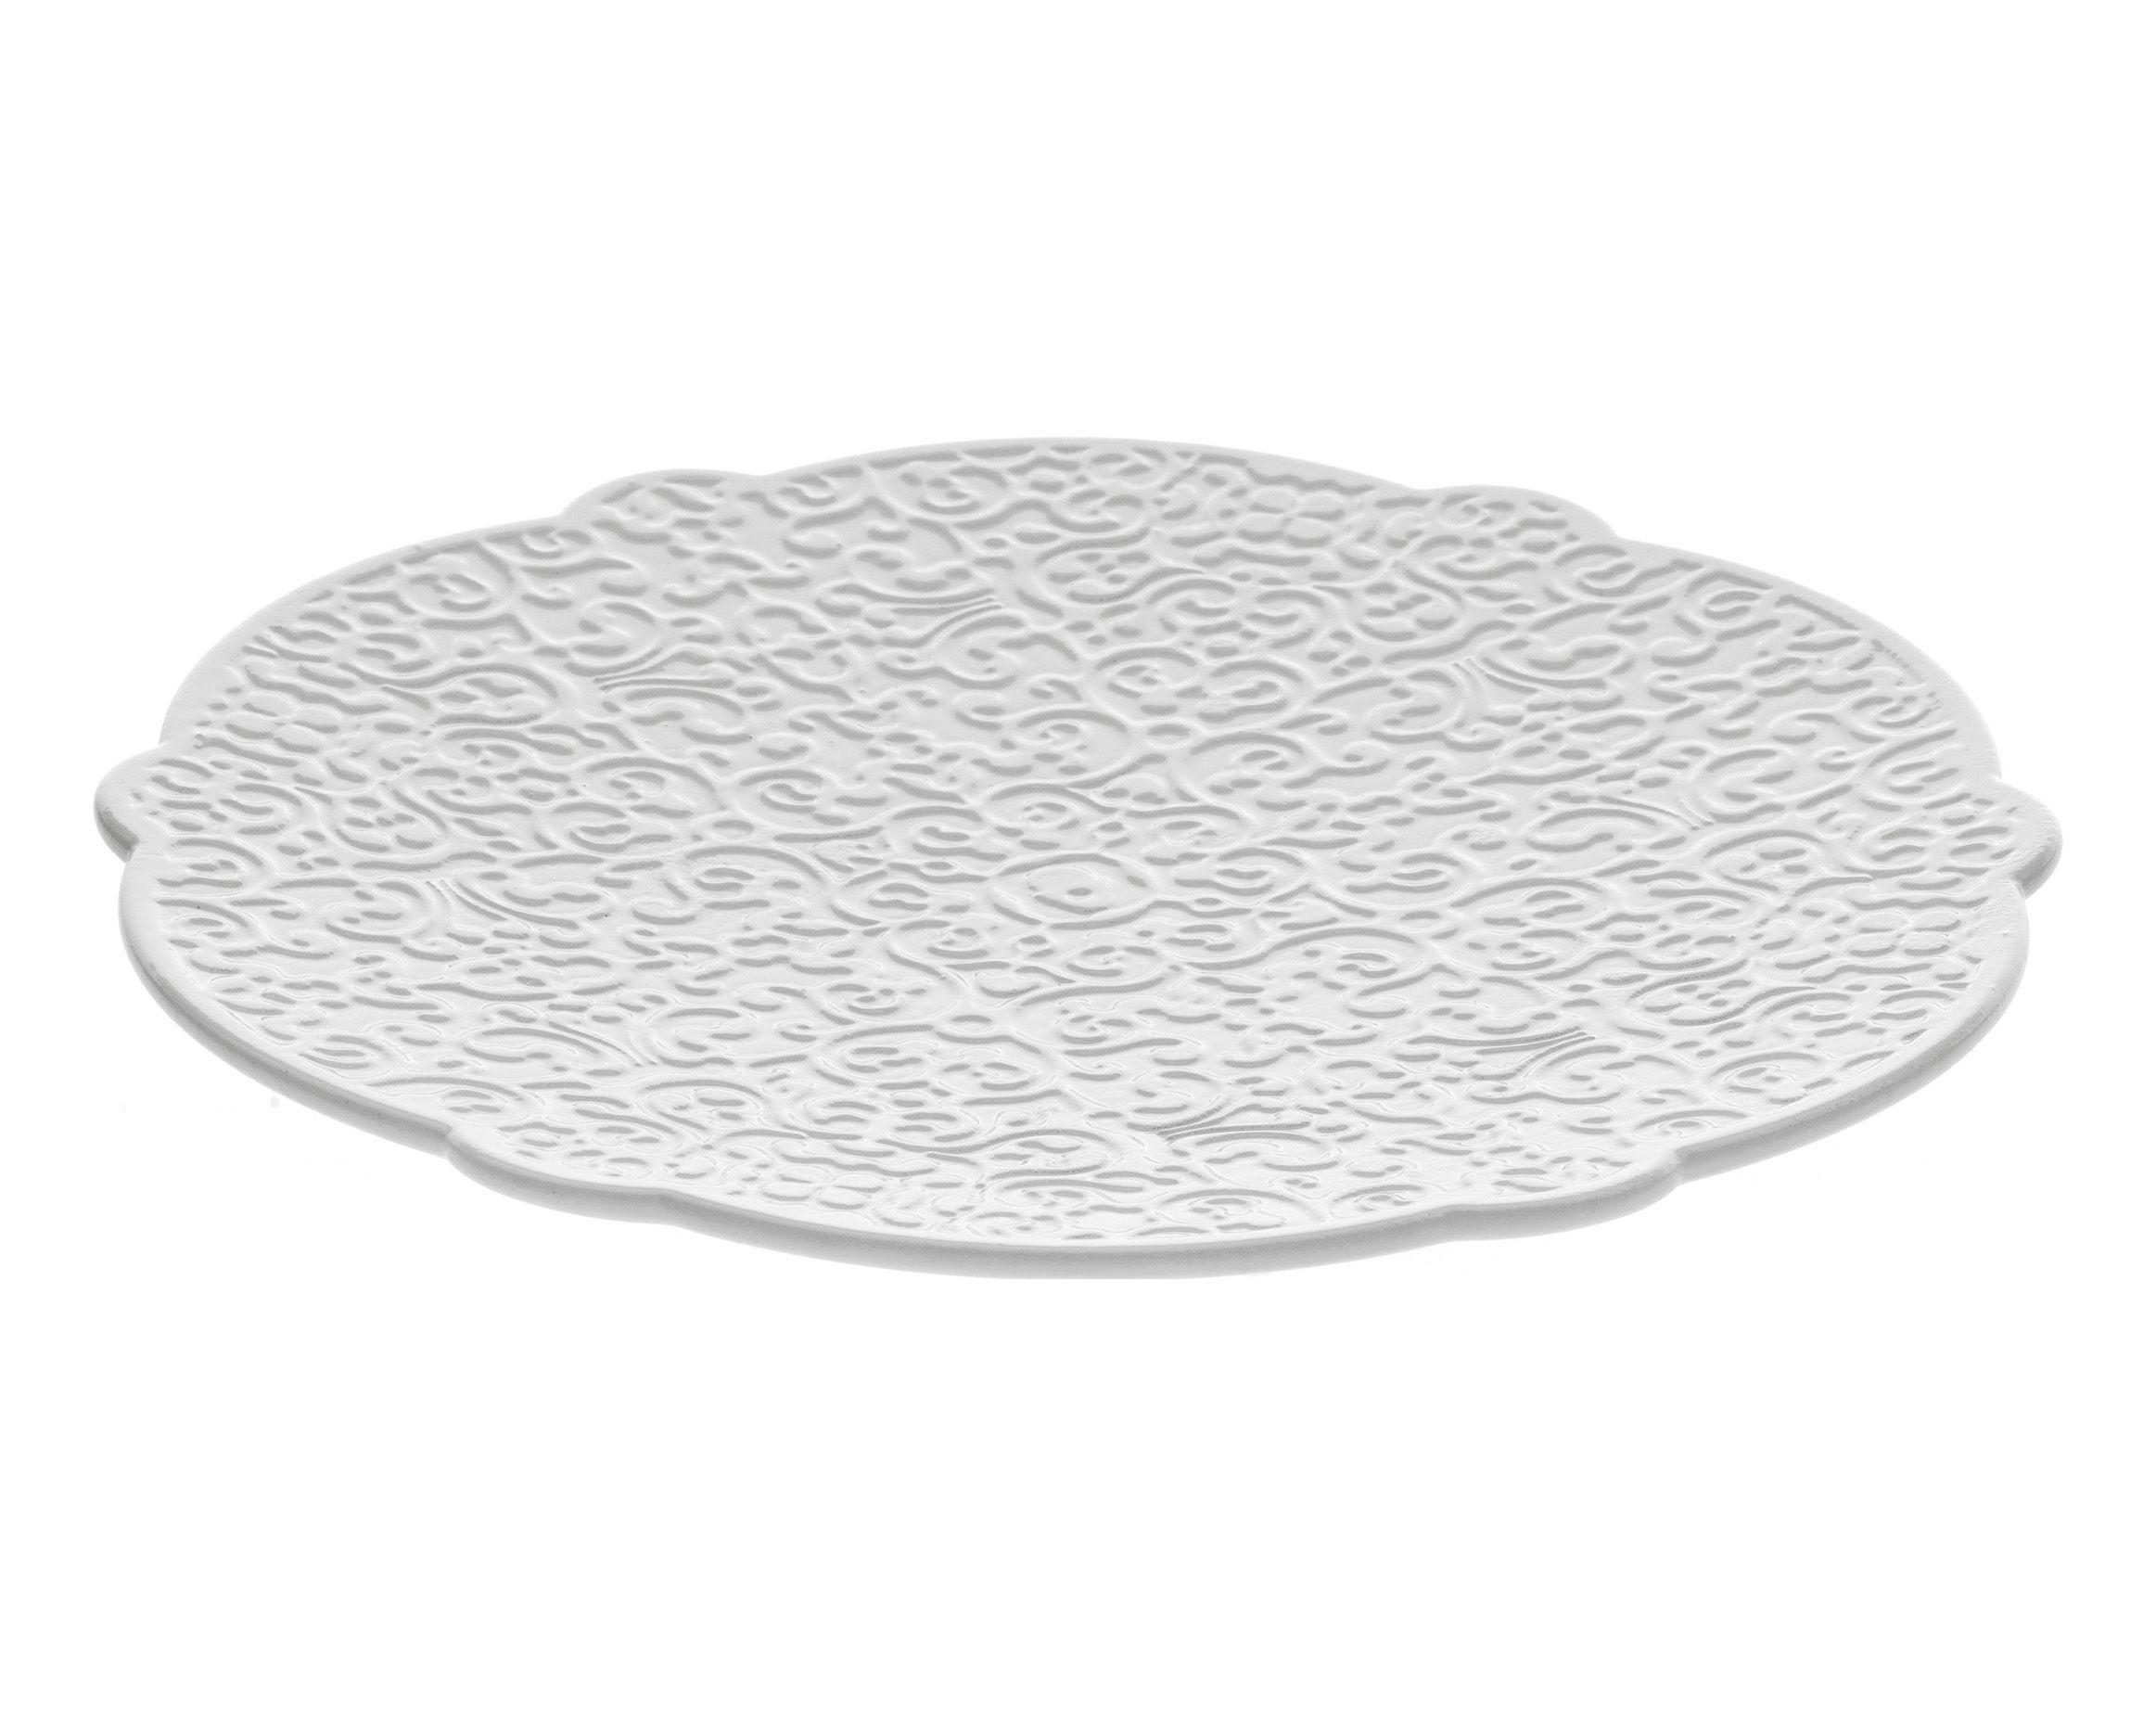 Tavola - Tazze e Boccali - Piattino sottotazza Dressed - per tazza da caffè di Alessi - Piattino per tazzina moka - Bianco - Porcellana